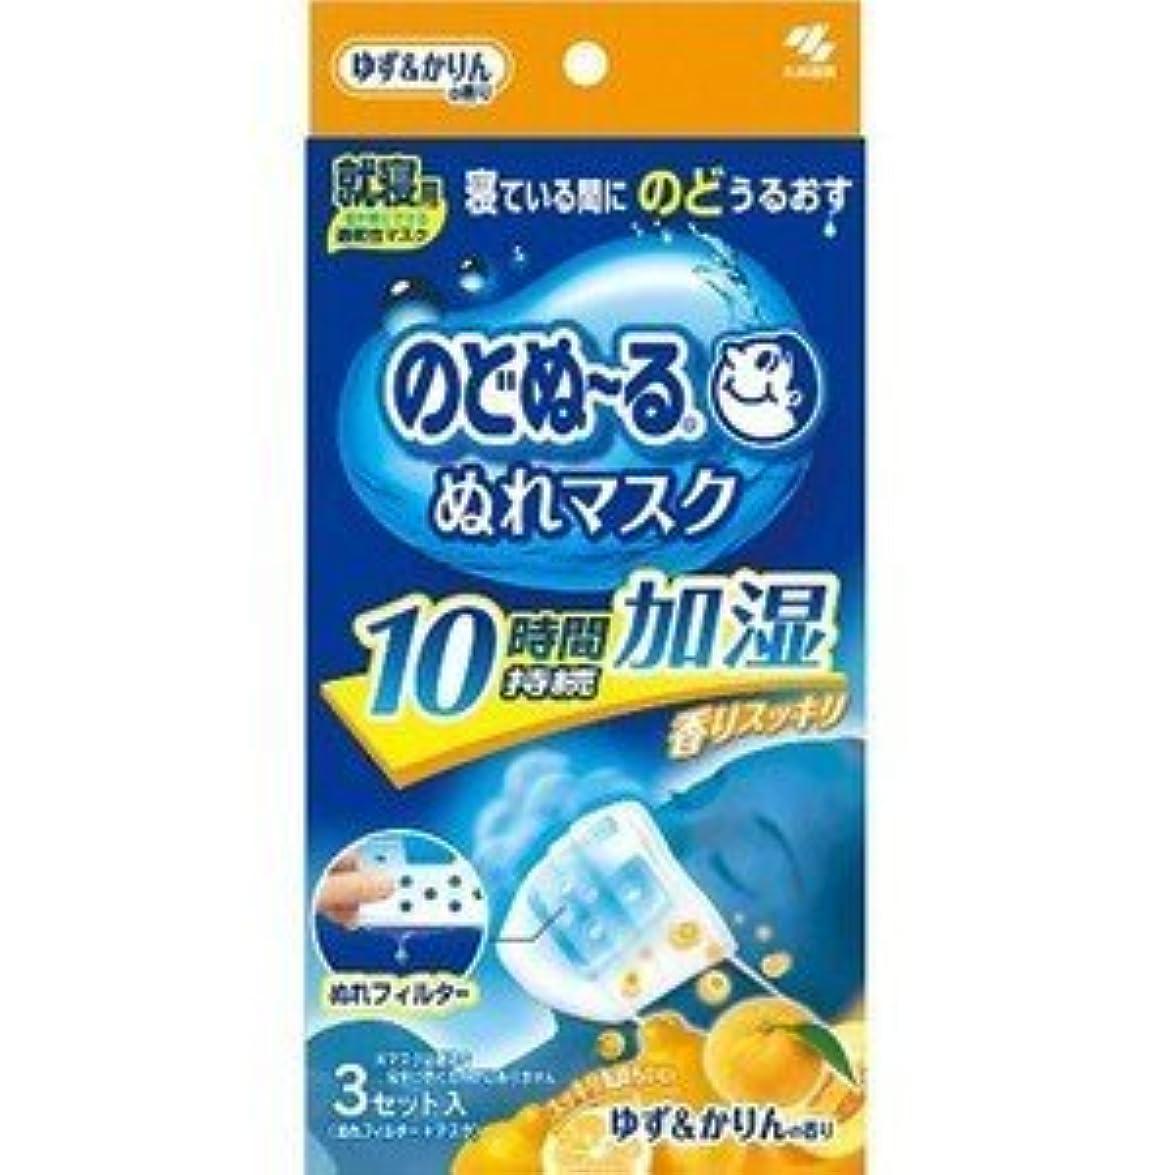 前補足マット(小林製薬)のどぬーる ぬれマスク 就寝用 ゆず&かりんの香り 3セット入(お買い得10個セット)